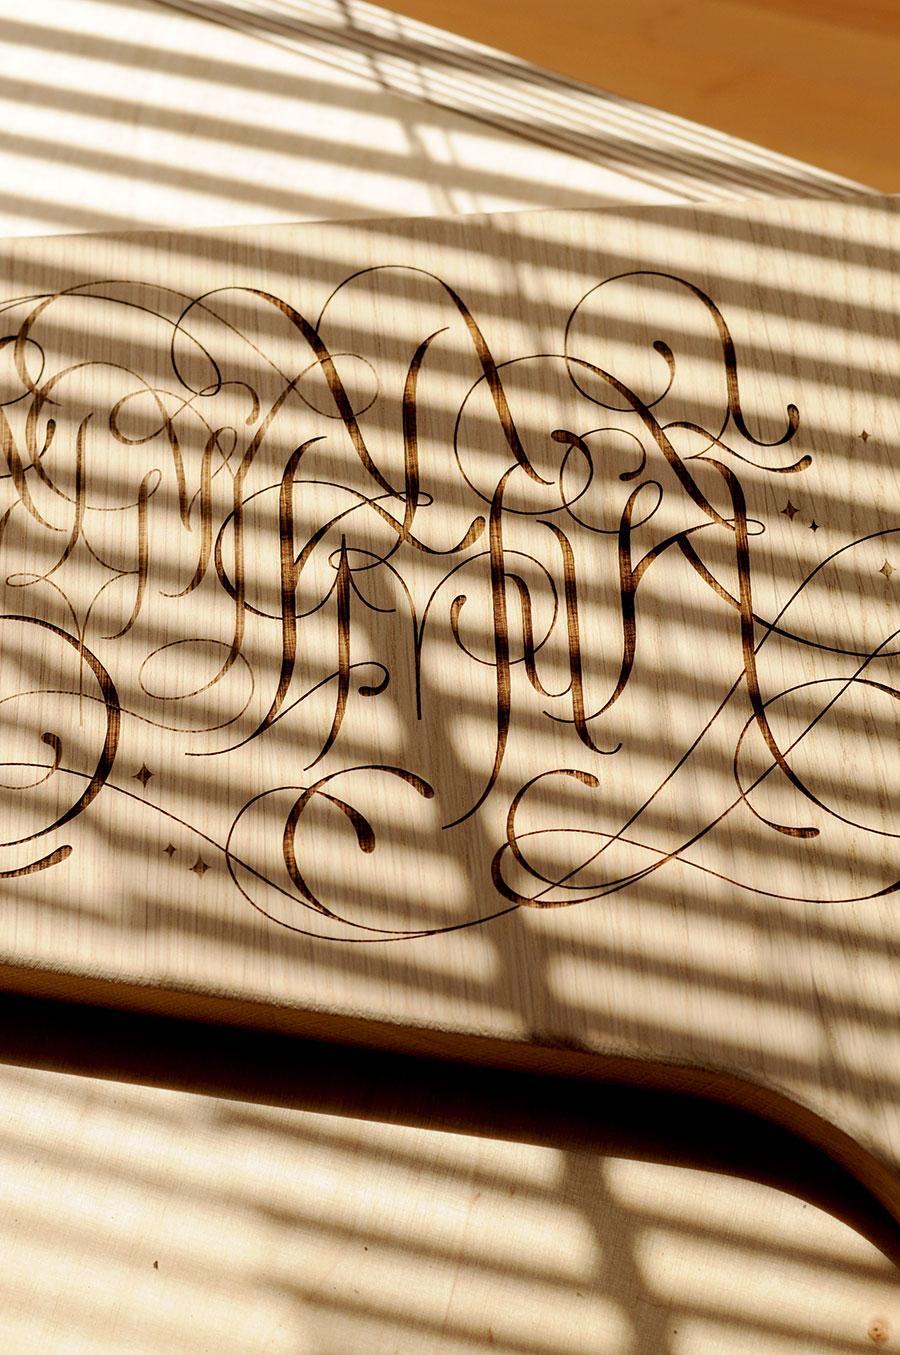 Gravure laser sur bois